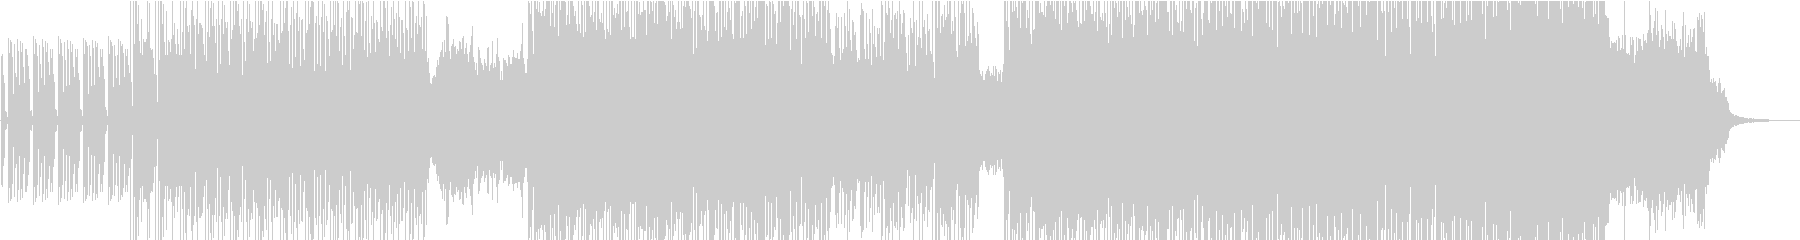 ドラムループに優しい電子音が乗るインストの未再生の波形